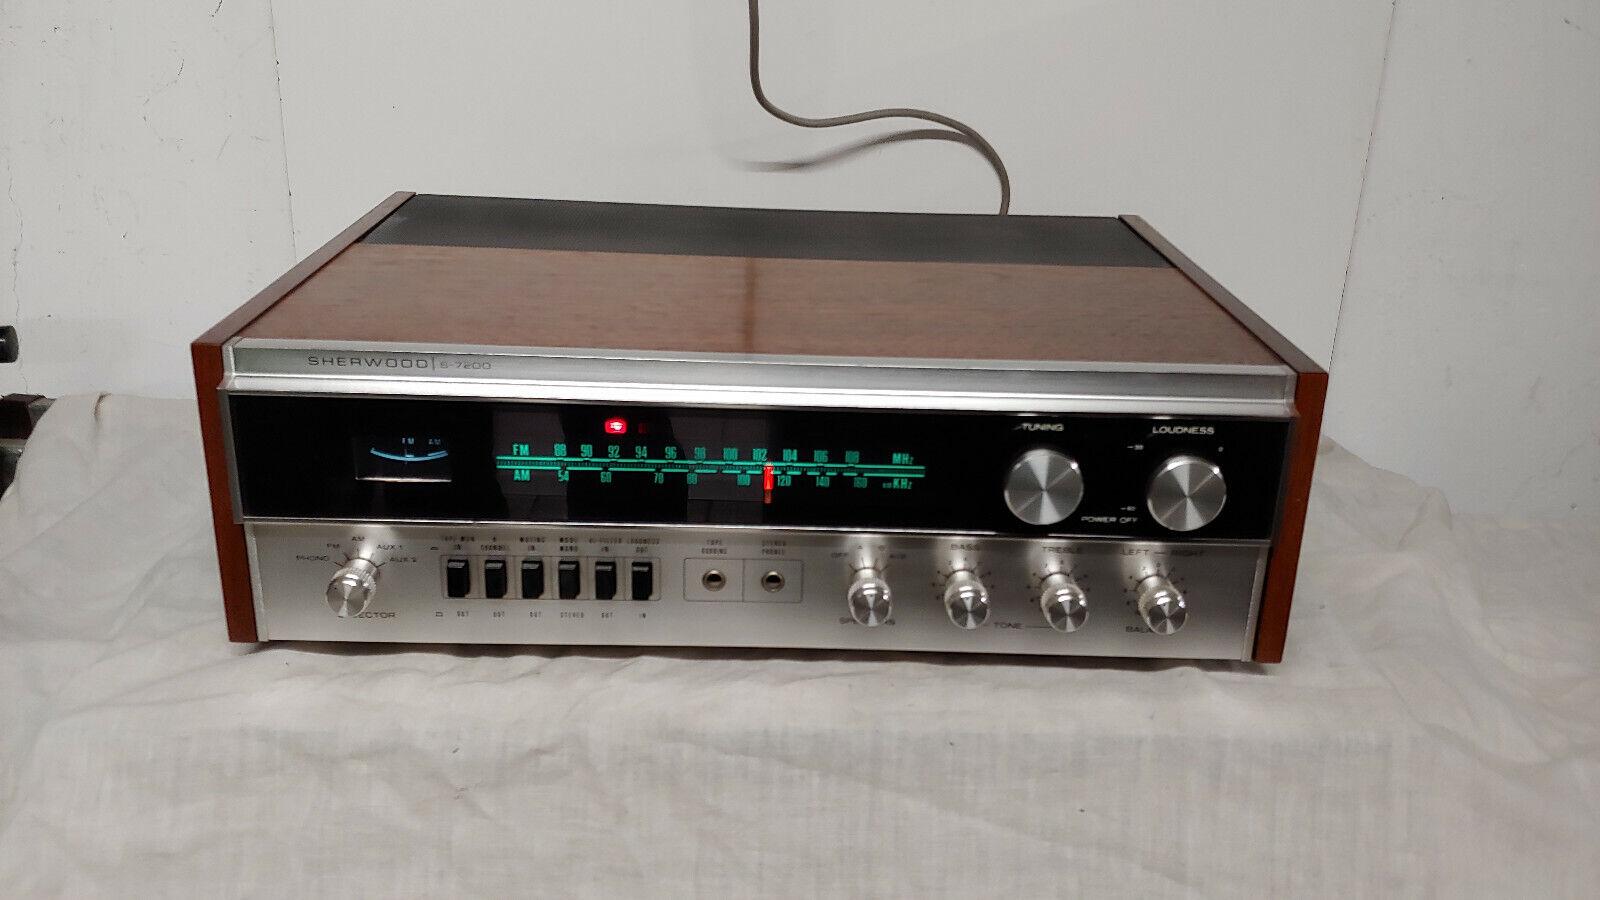 Ampli tuner sherwood s-7200 audiophile révisé